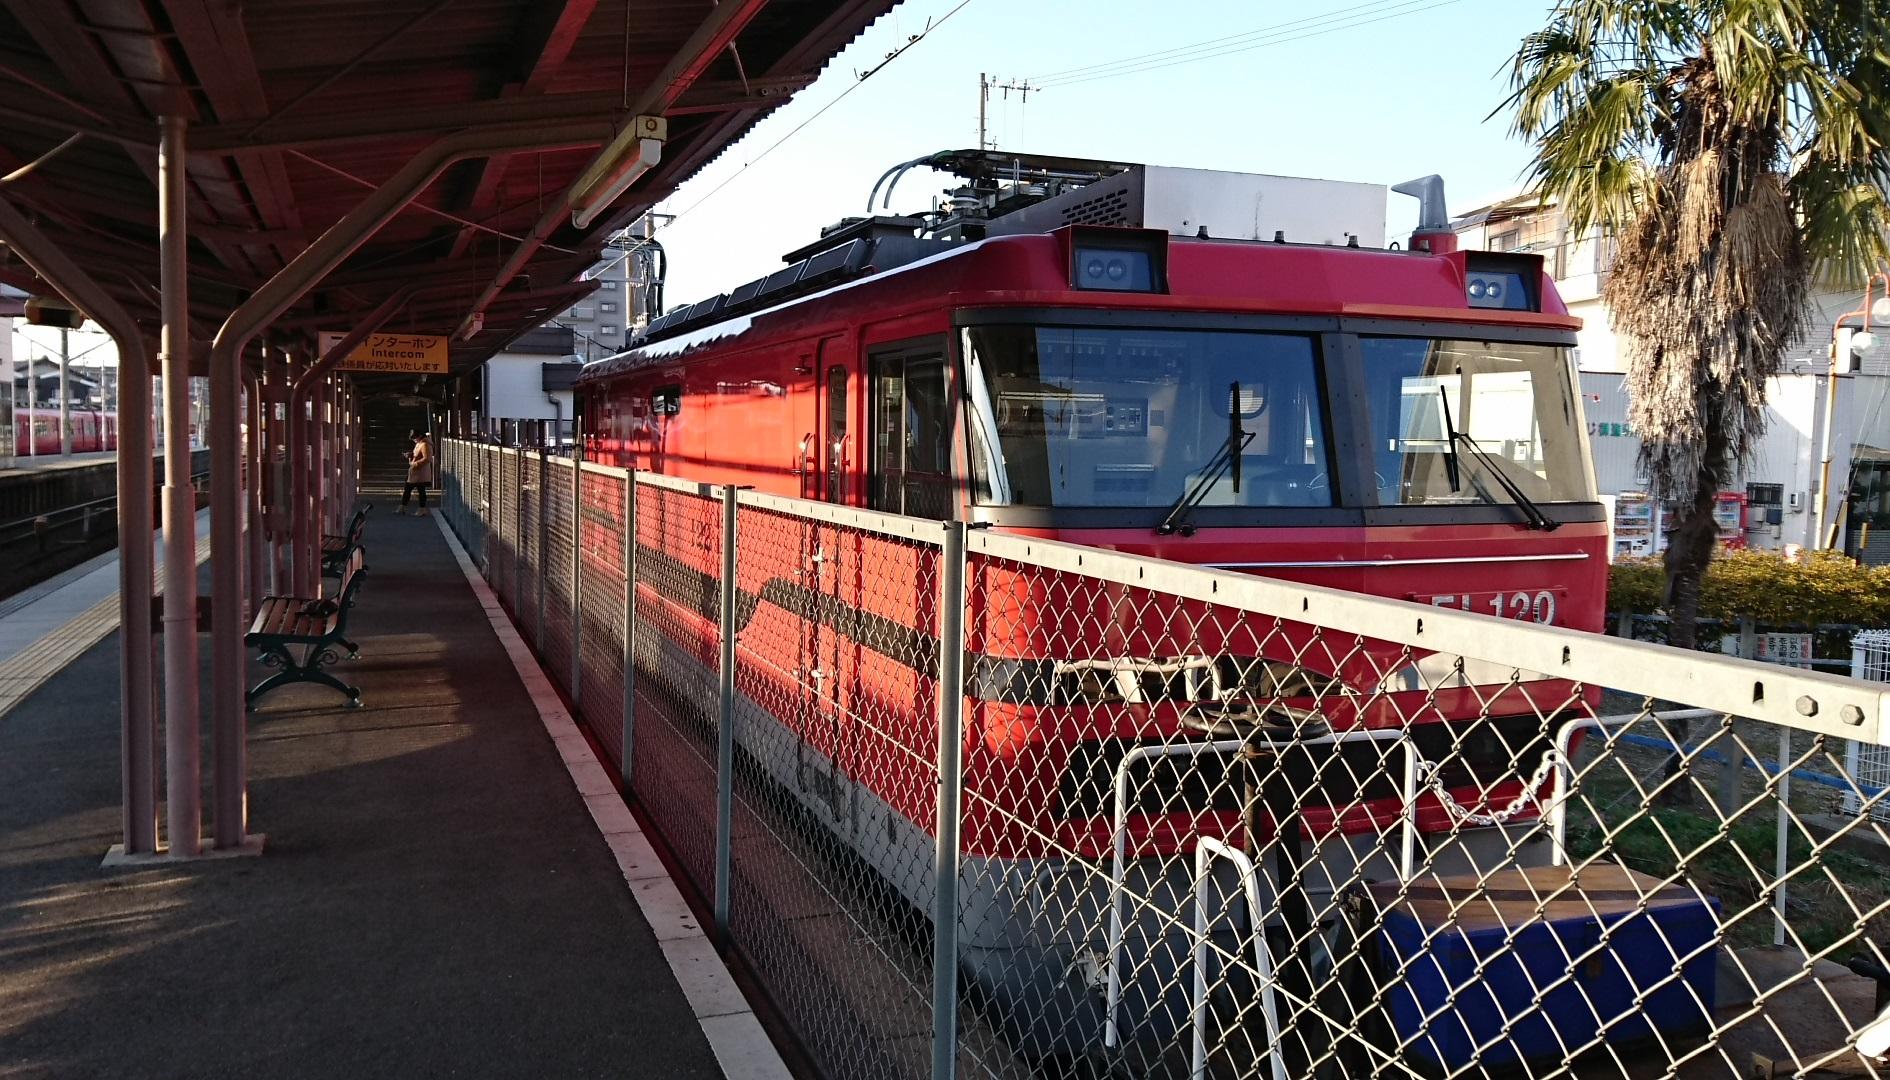 2016.12.18 名鉄 (19) 矢作橋 - 電気機関車EL120 1890-1080